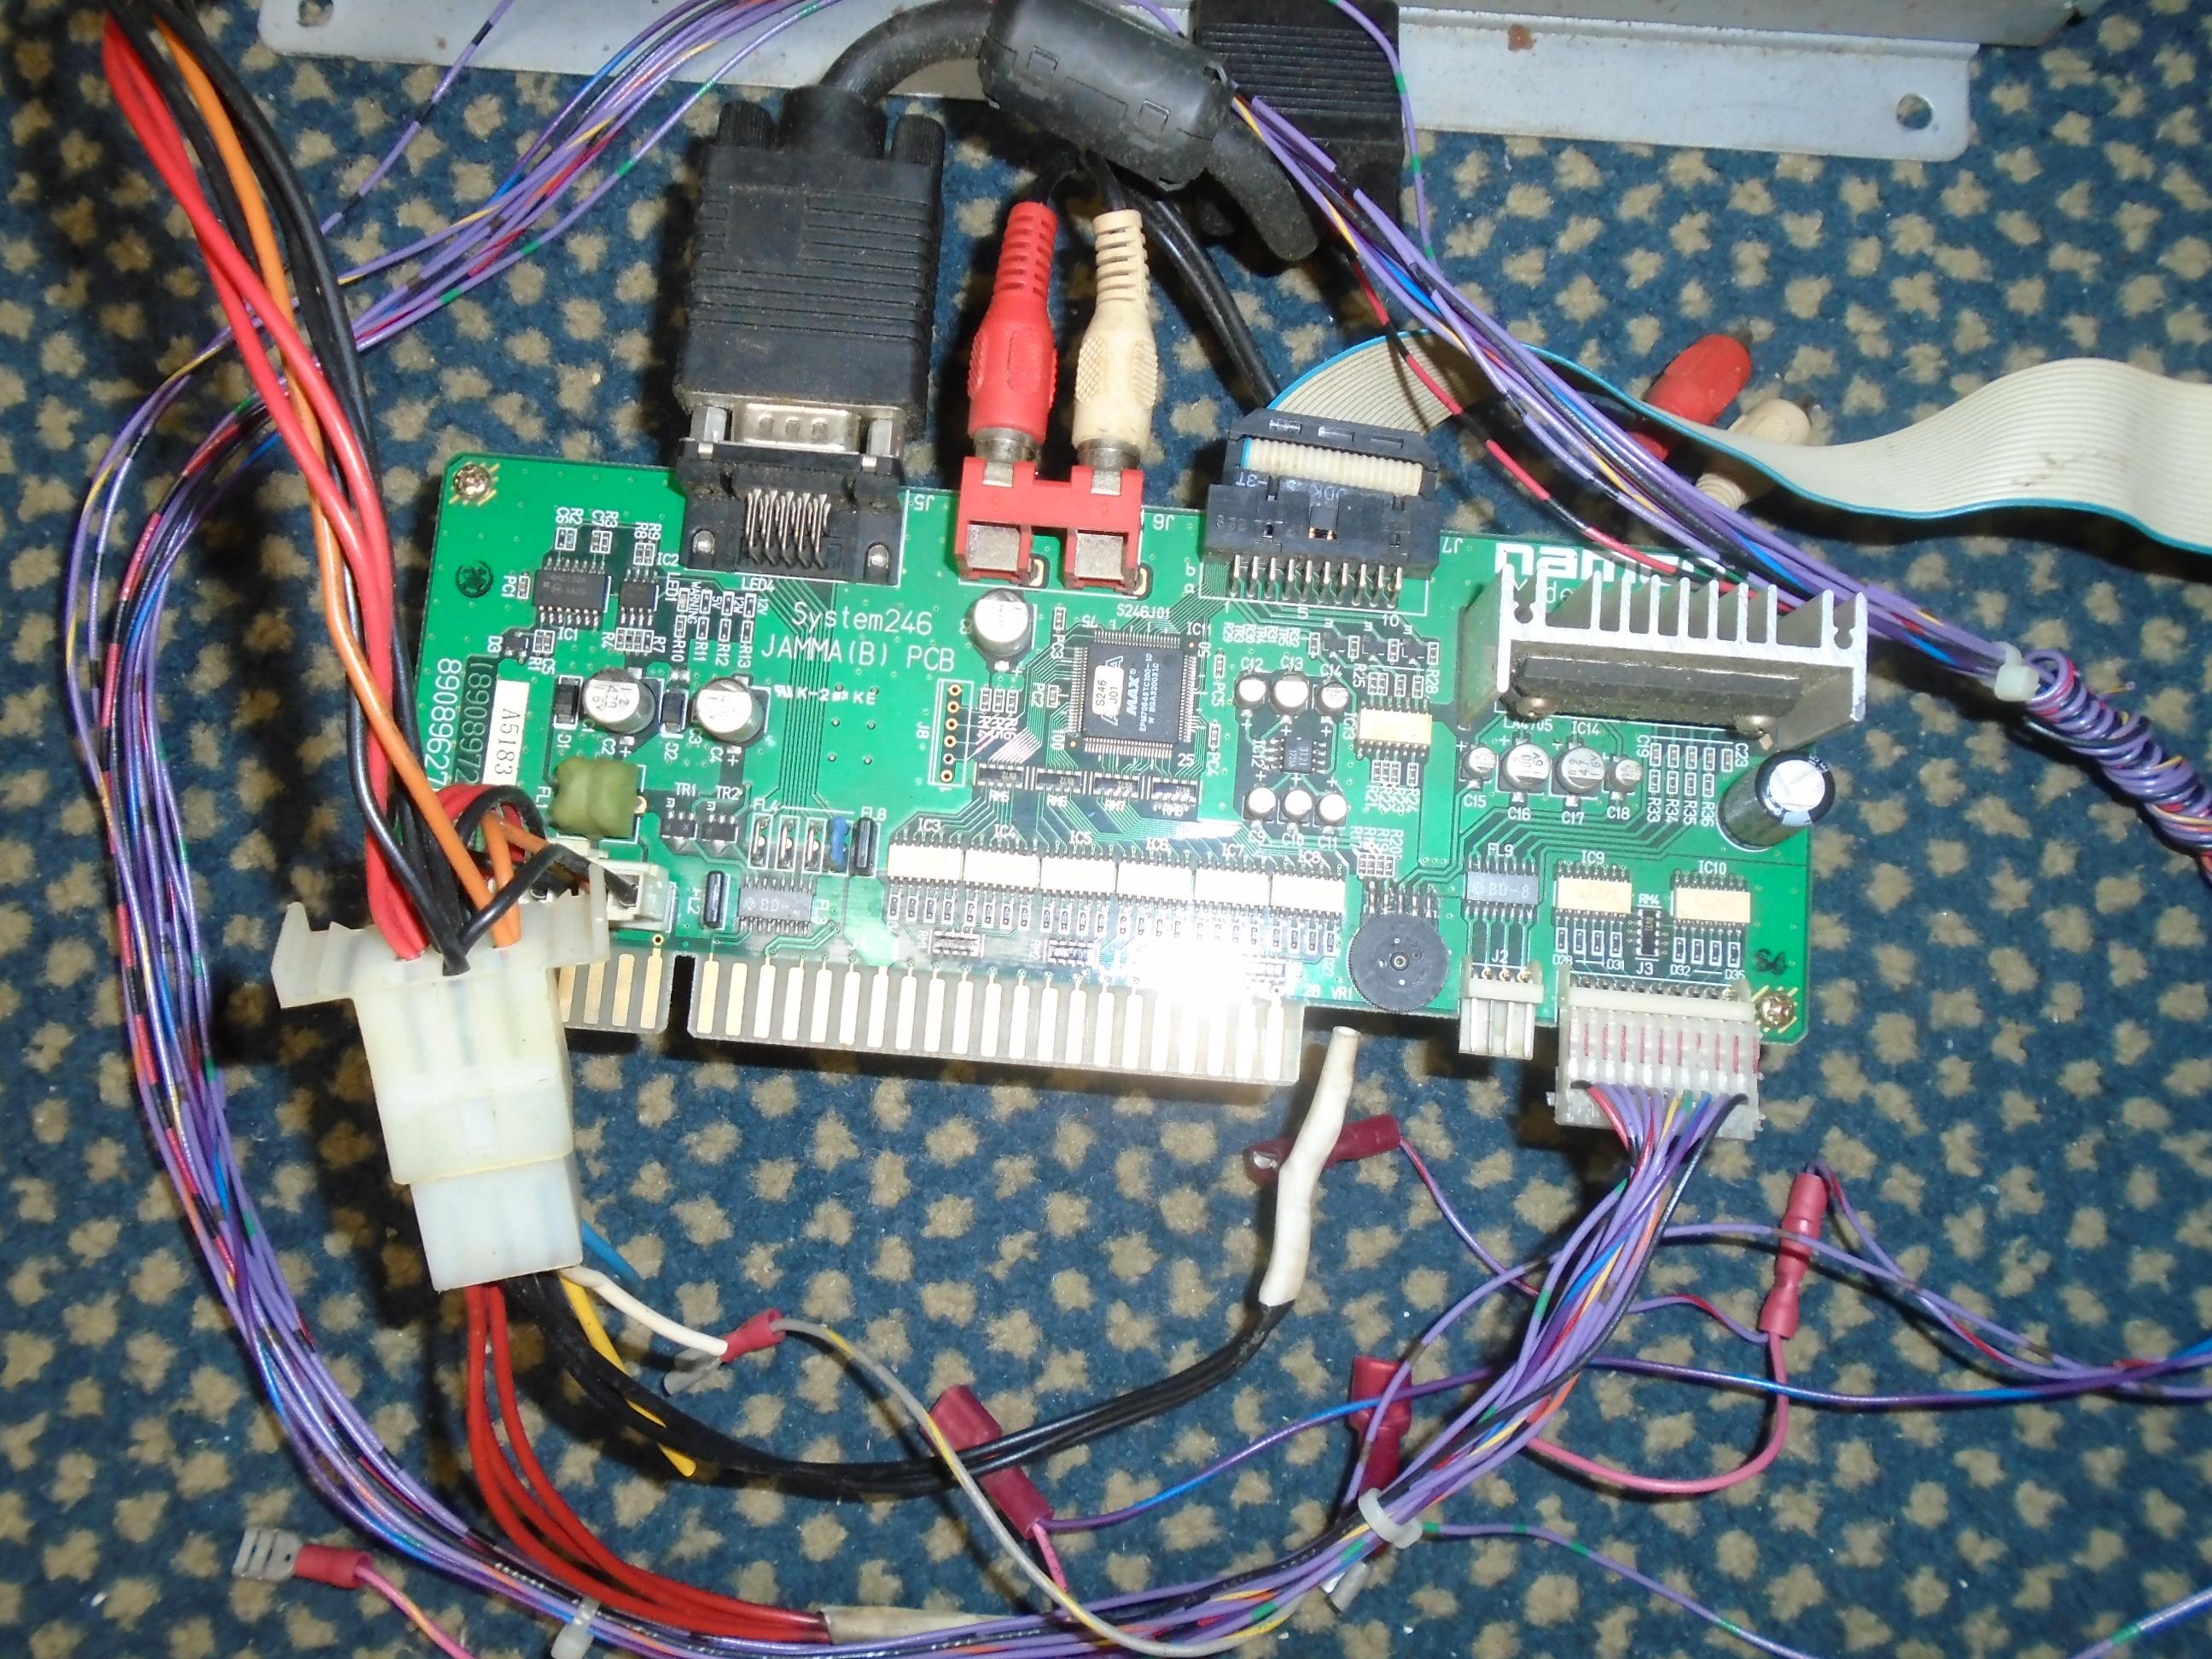 TEKKEN 4 Arcade Machine Game Kit by NAMCO MAIN BOARD%2C IO BOARD %26 SOME WIRING %283%29?resize\=2592%2C1944\&ssl\=1 bobcat s100 wiring diagrams kuryakyn wiring diagram \u2022 45 63 74 91  at gsmx.co